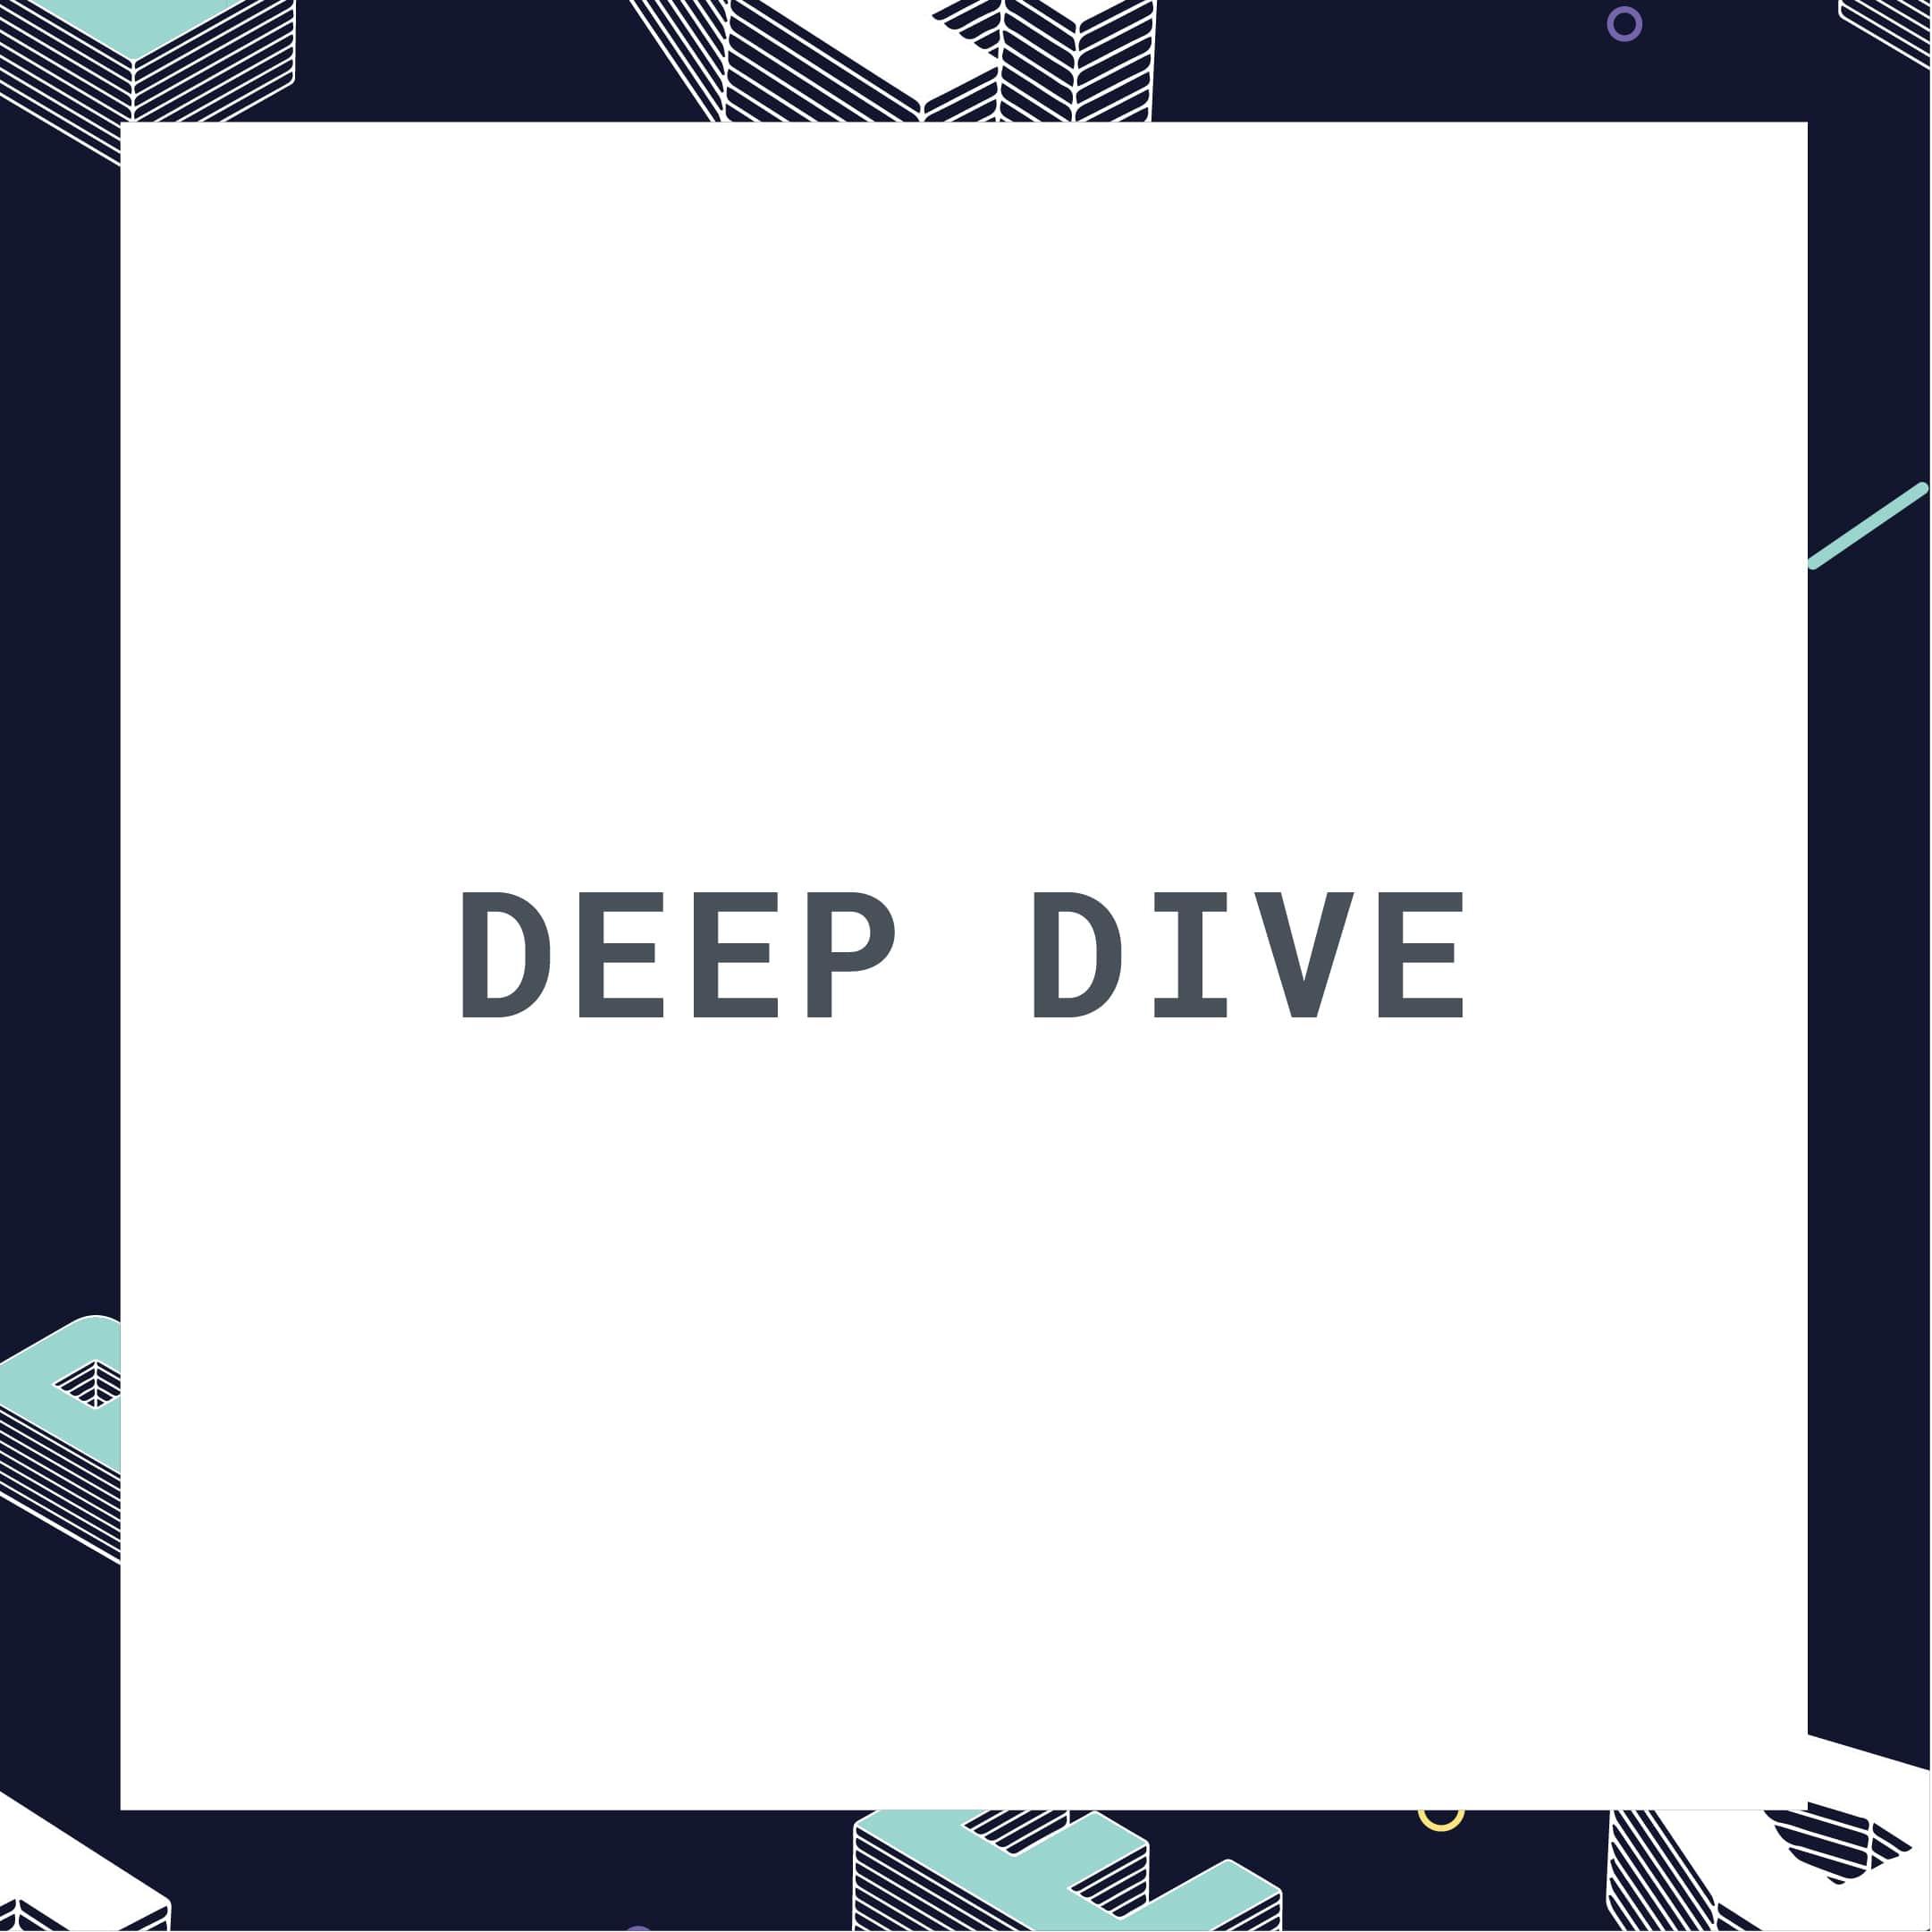 Deep dive-min.jpg